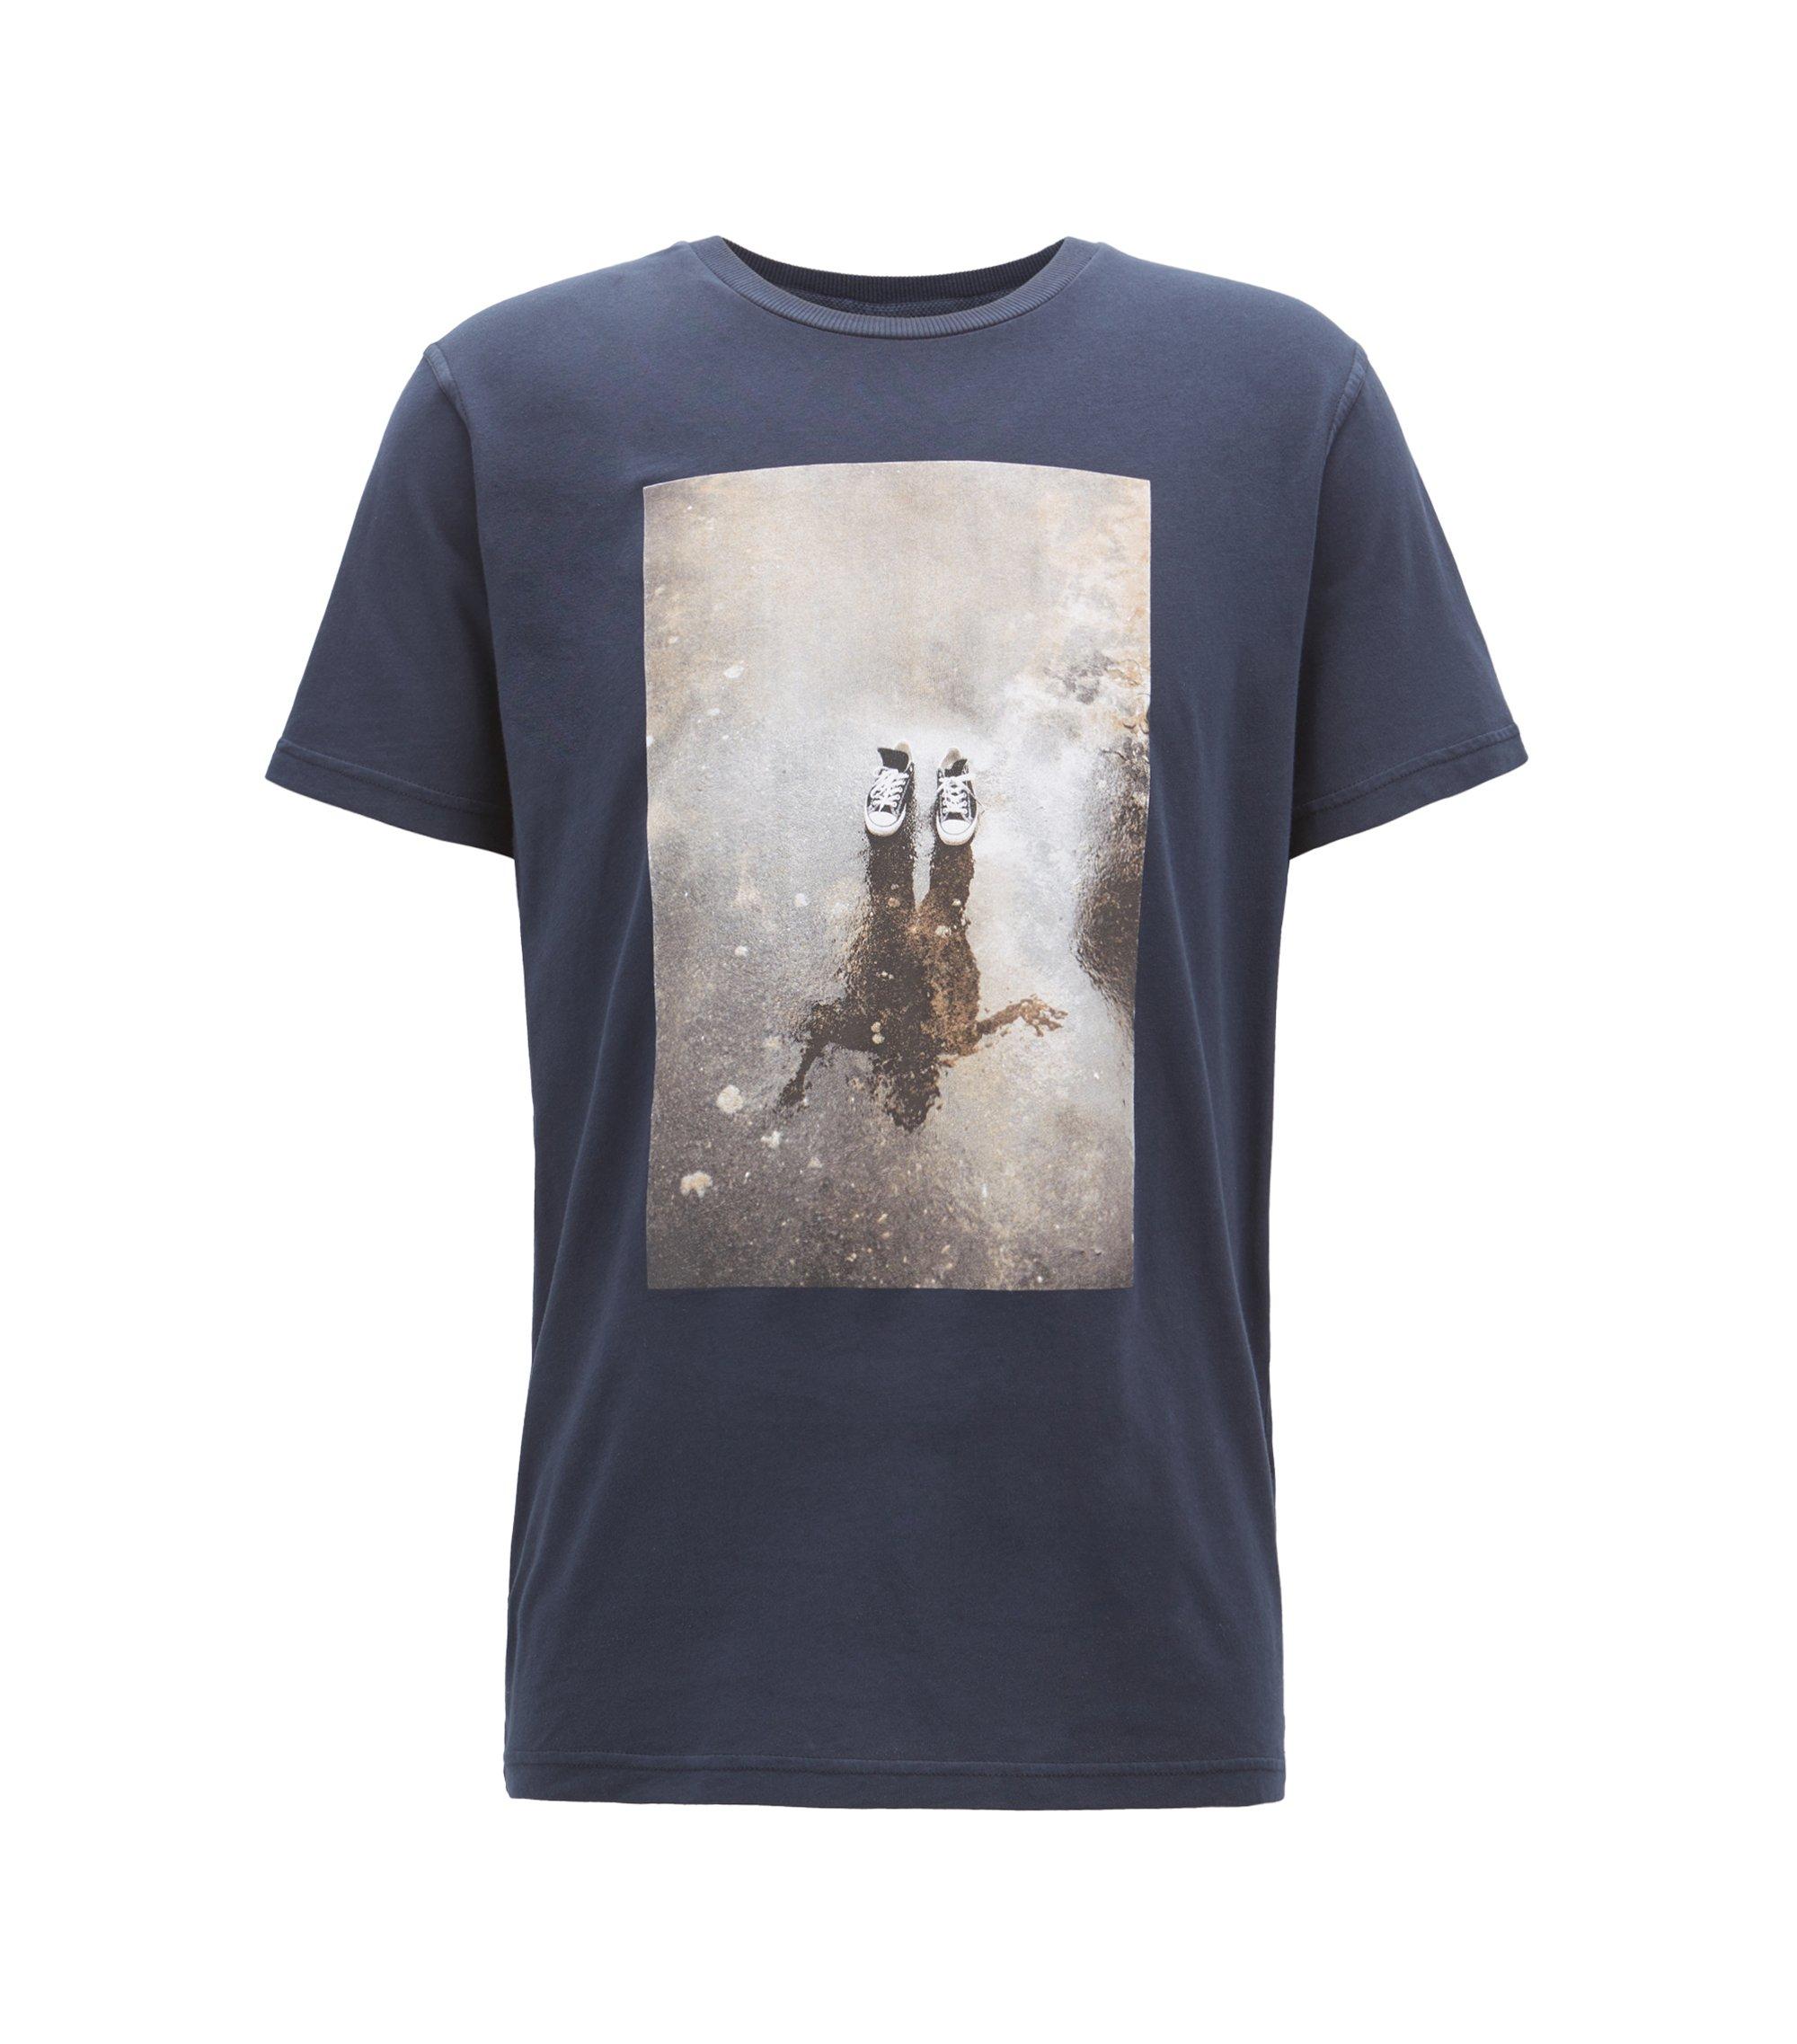 Camiseta gráfica relaxed fit en punto de algodón recot²®, Azul oscuro